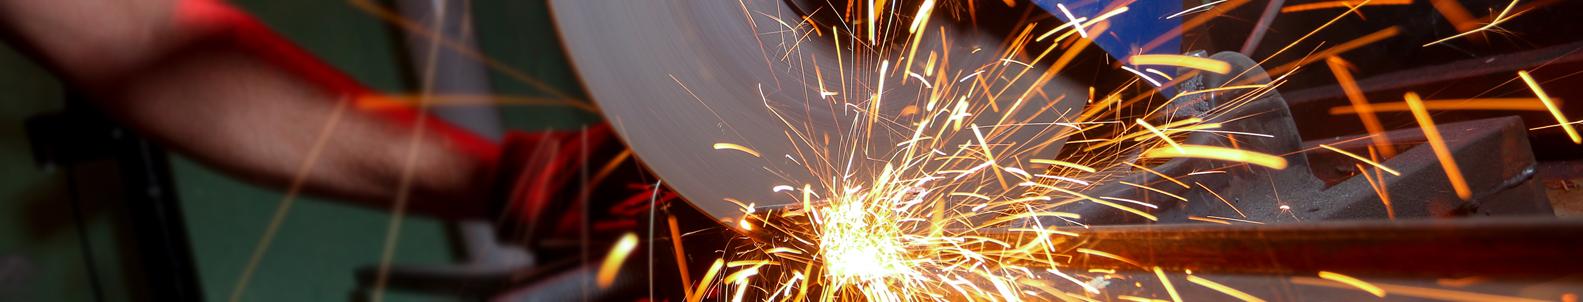 Metalo pjovimo staklės  Pažangios, aukštos kokybės metalo pjovimo staklės